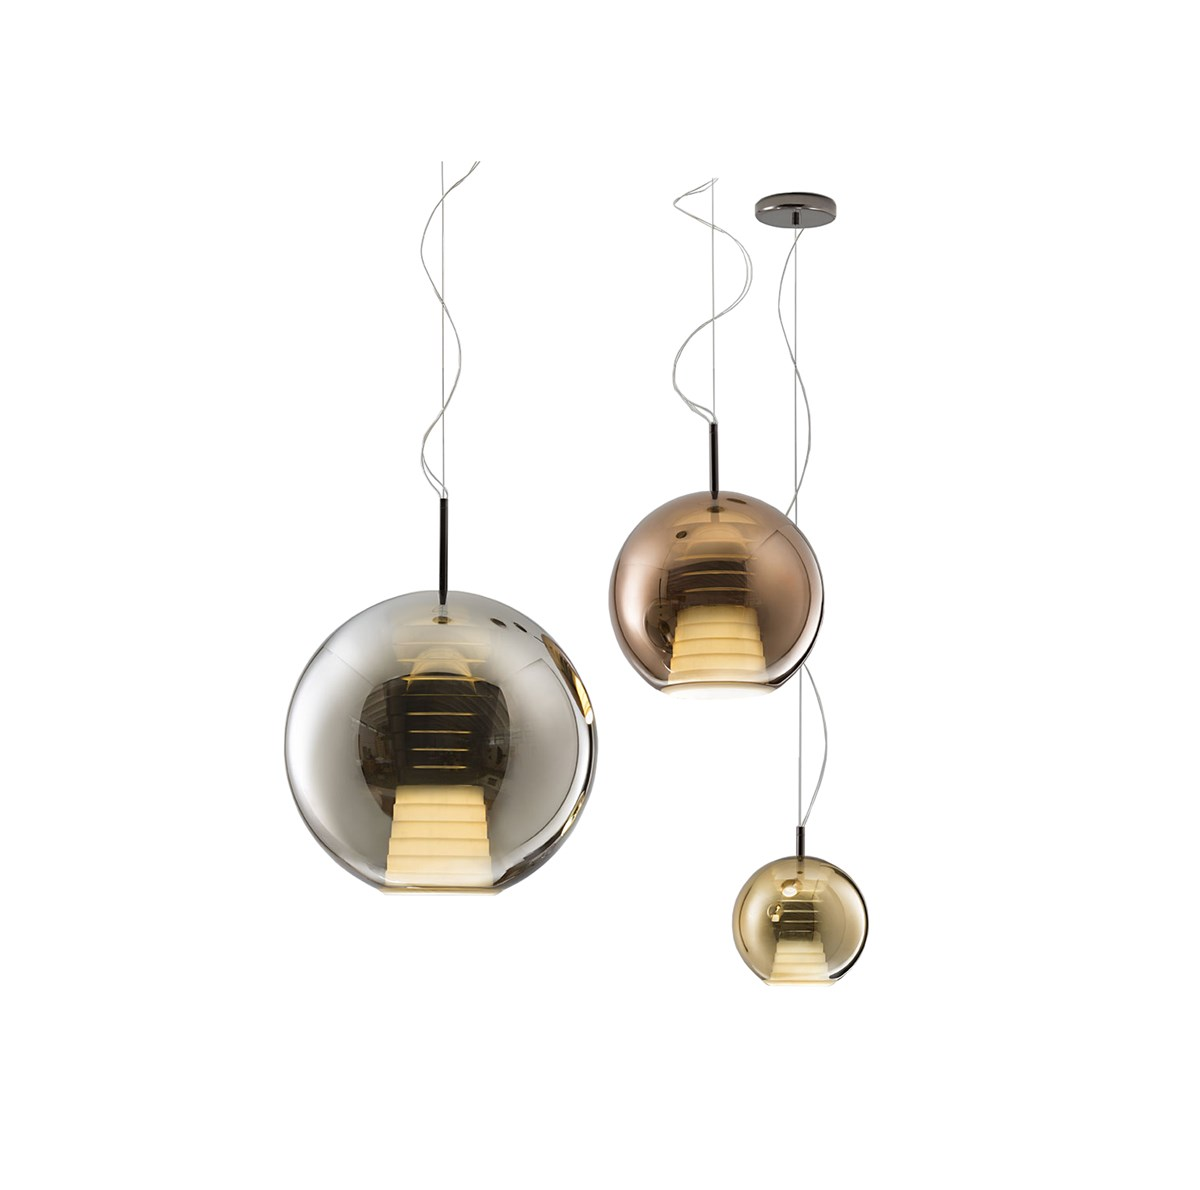 Fabbian-Marc-Sadler-Beluga-Royal-Pendant-Lamp-Matisse-1